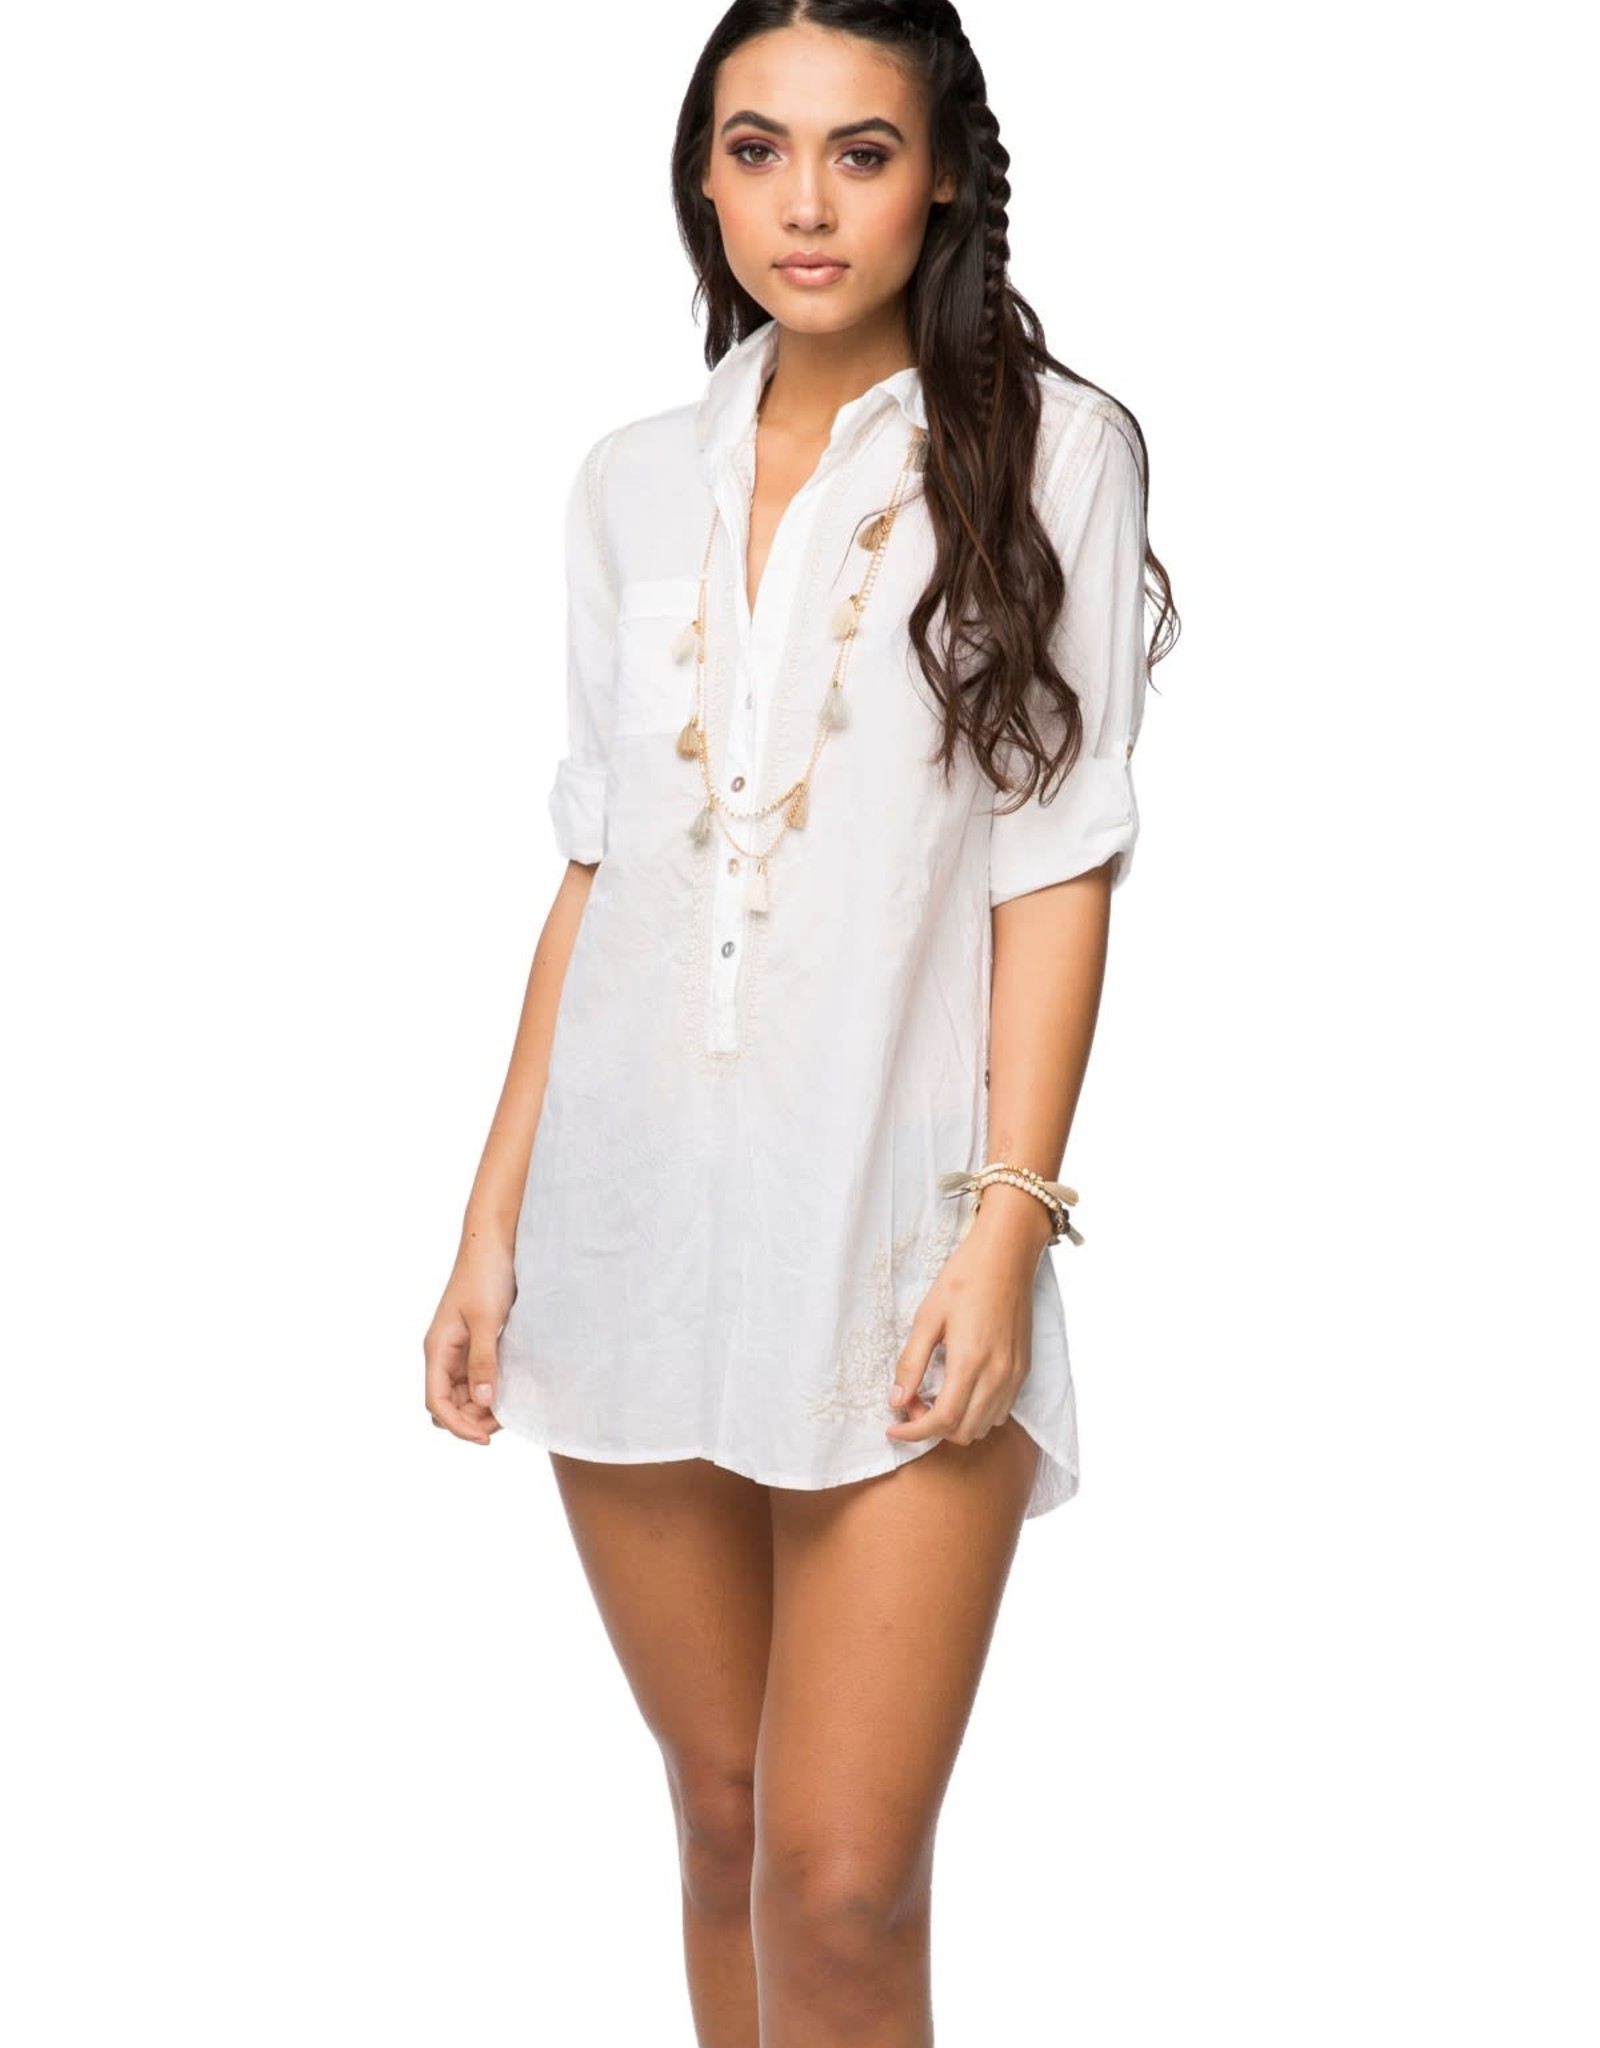 Subtle Luxury Boyfriend Shirt White/Dune